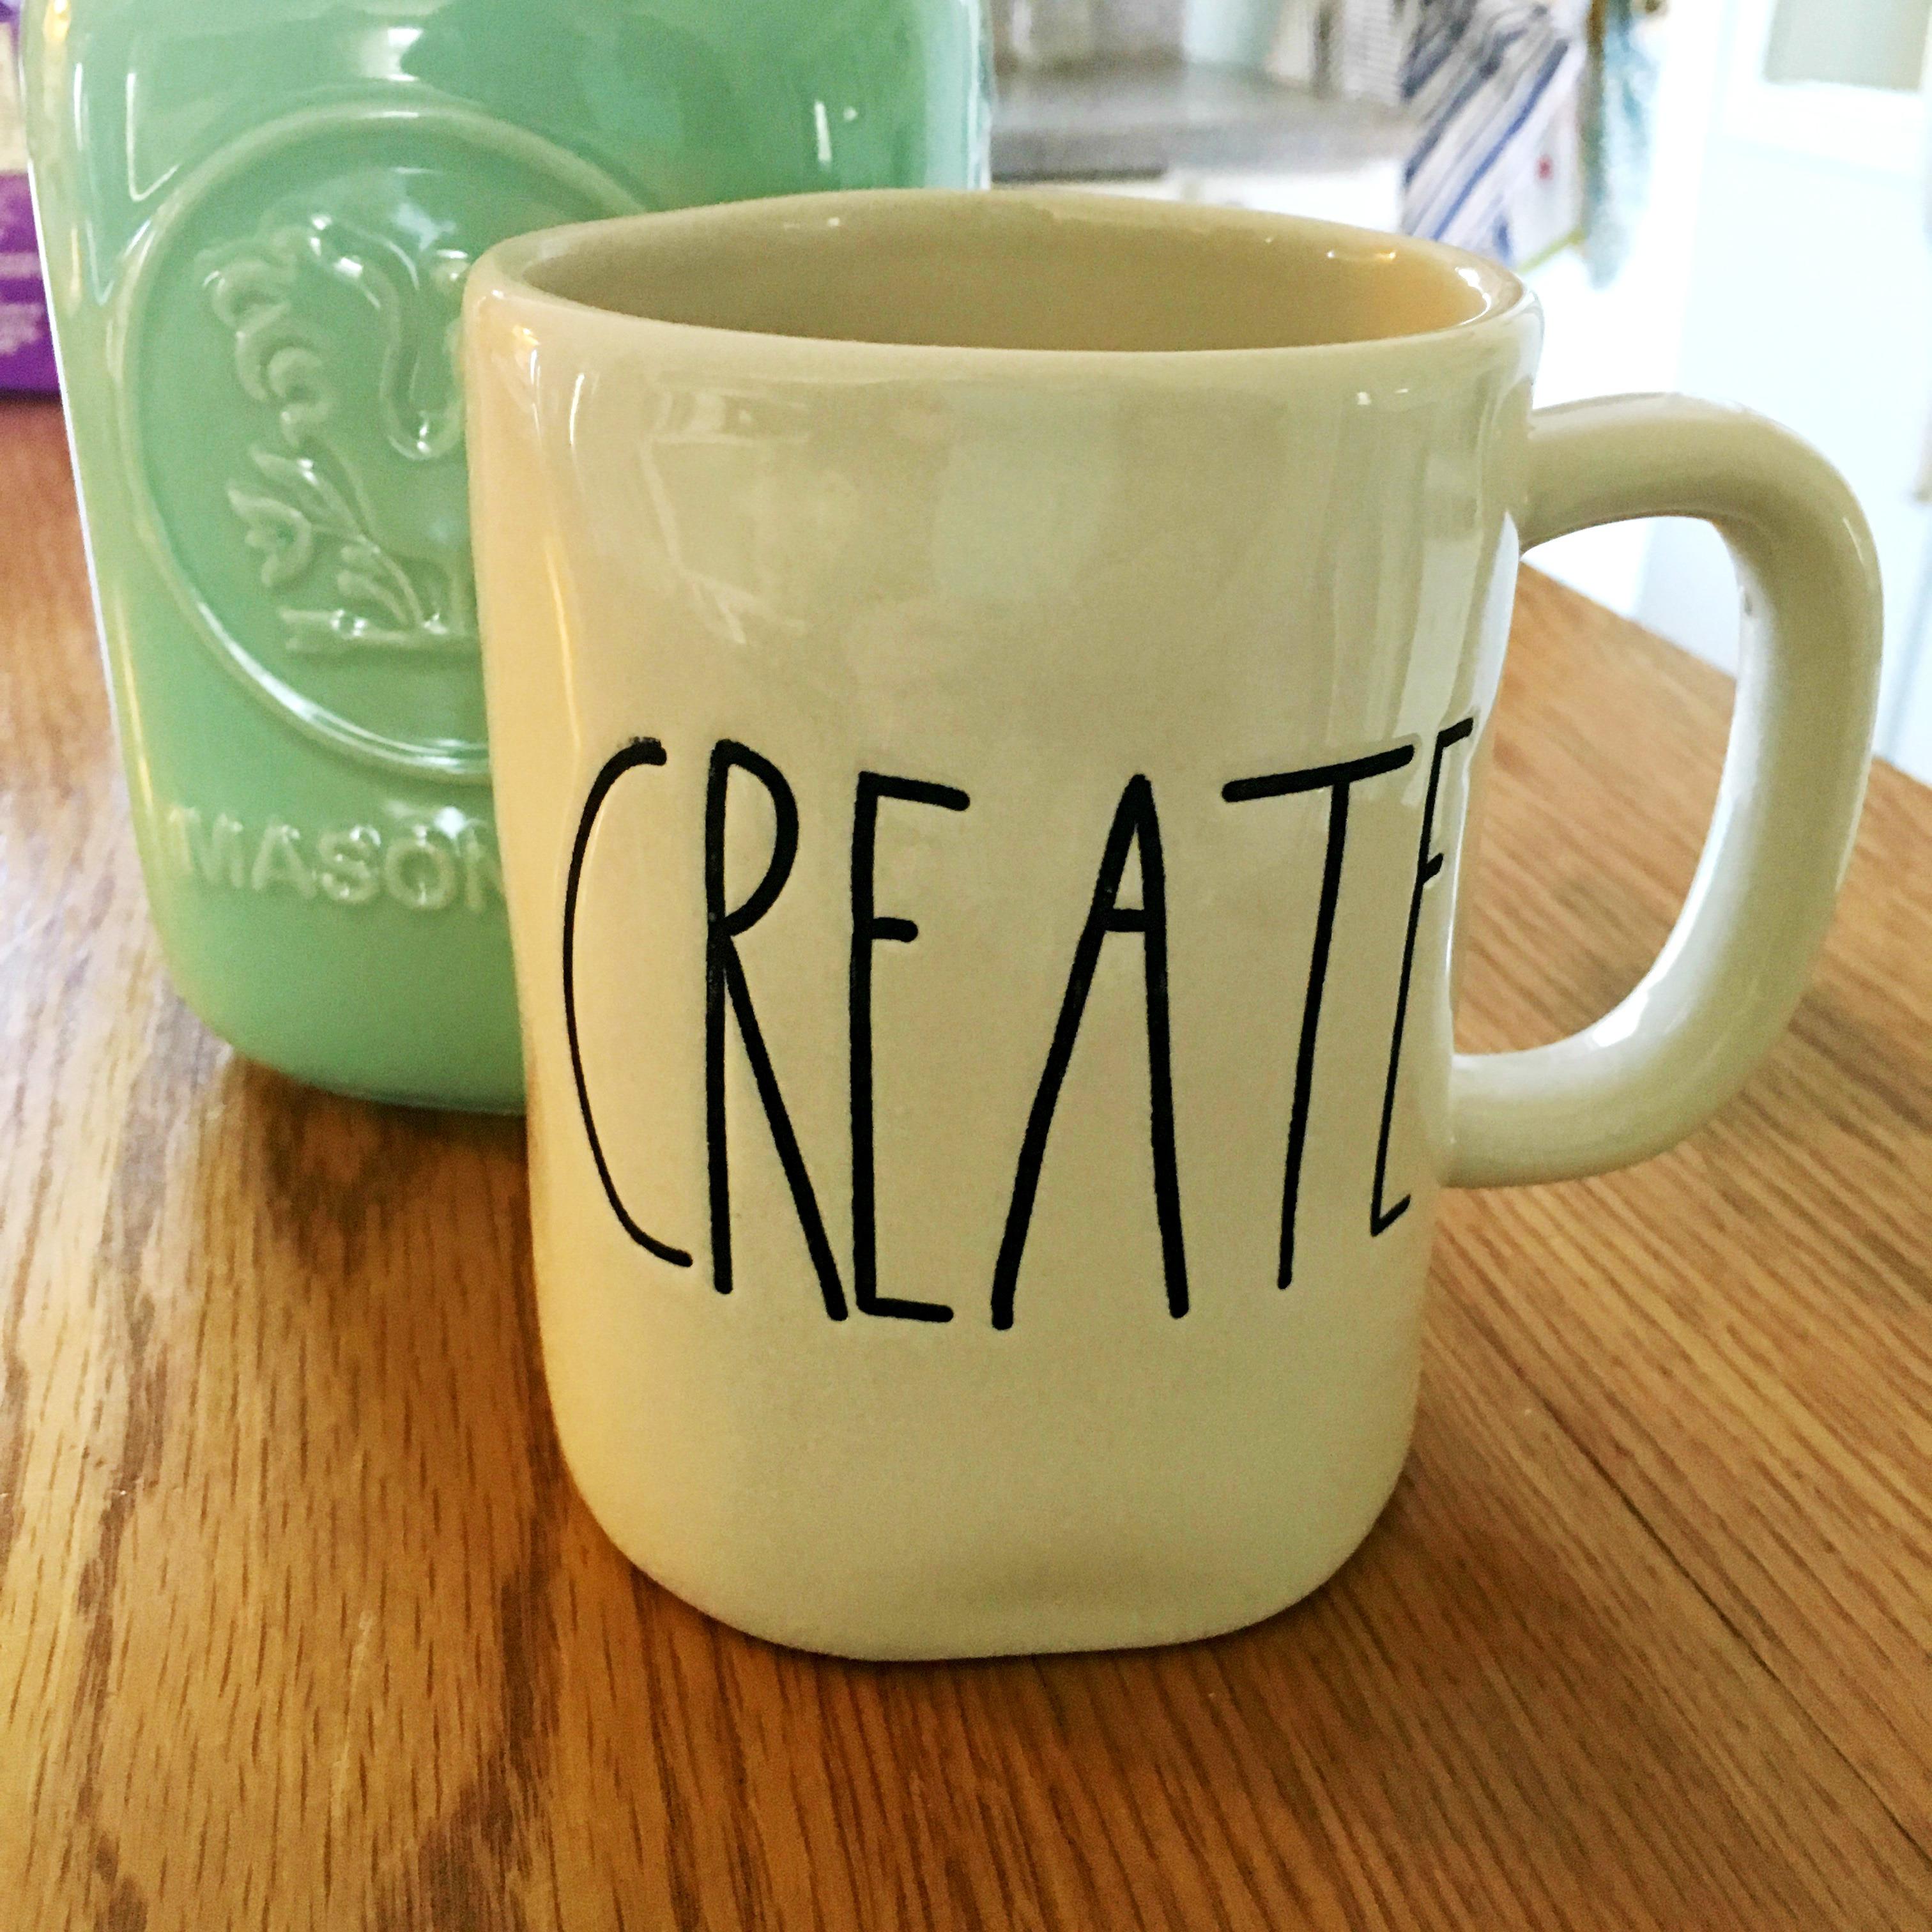 Create - Copy